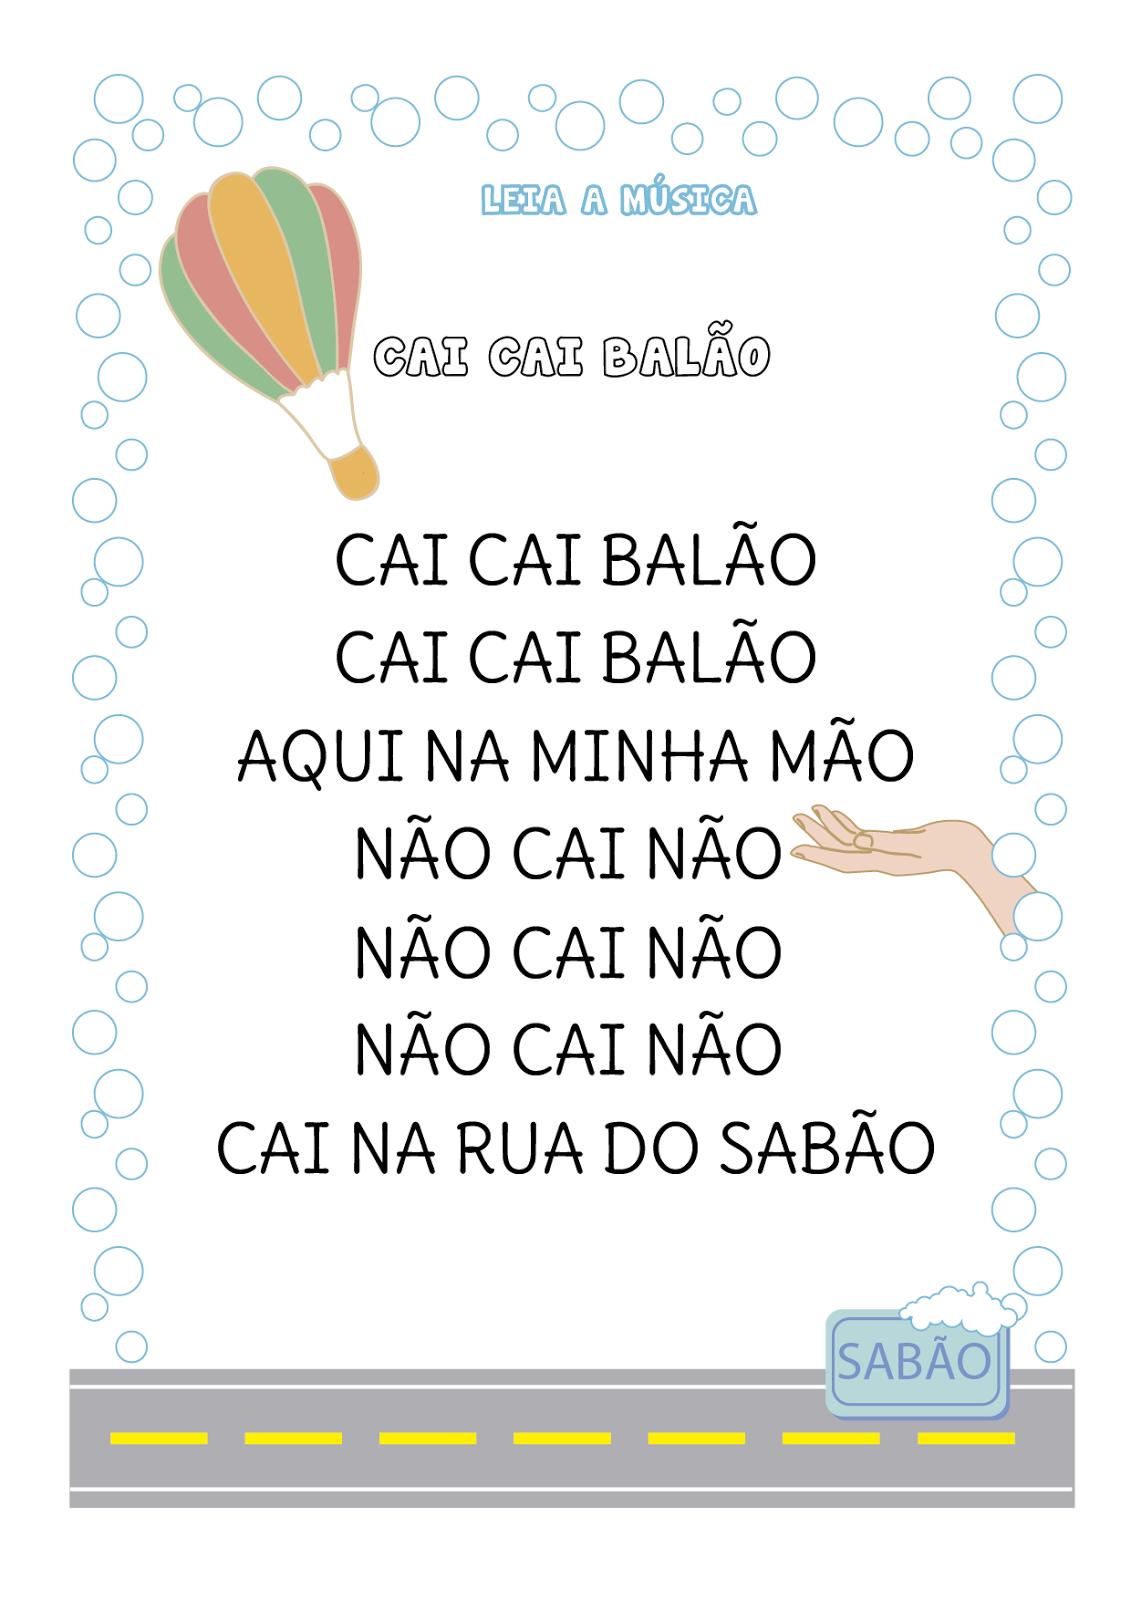 Favoritos Notebook da Profª: Atividade com música - Cai cai balão HL97